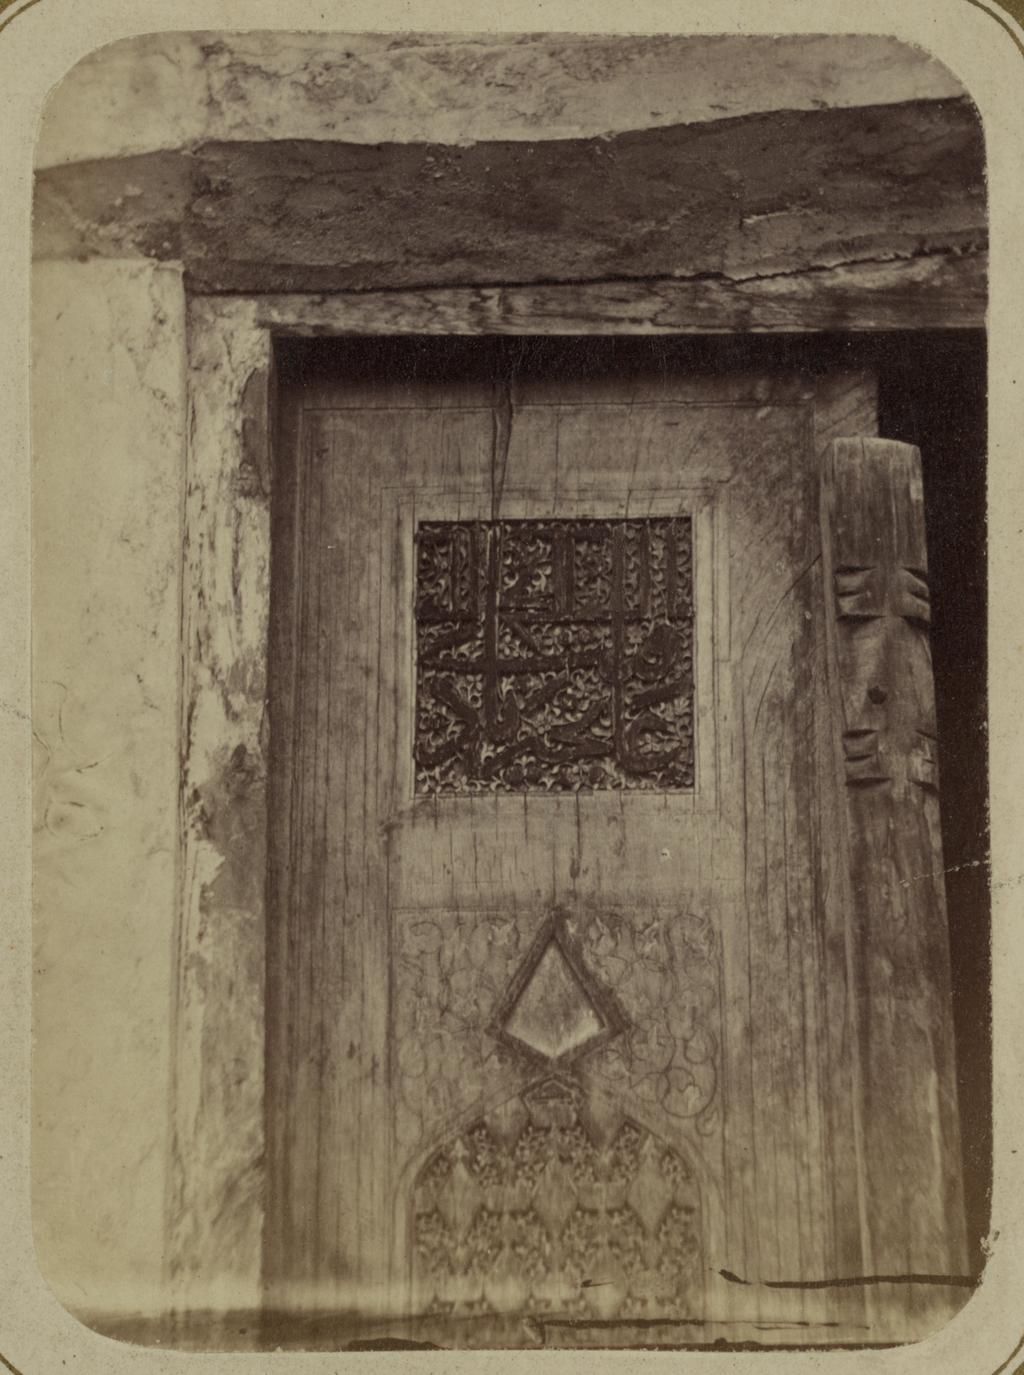 Мавзолей эмира Тимура Курагана (Гур-Эмир). Надпись на одной из дверей